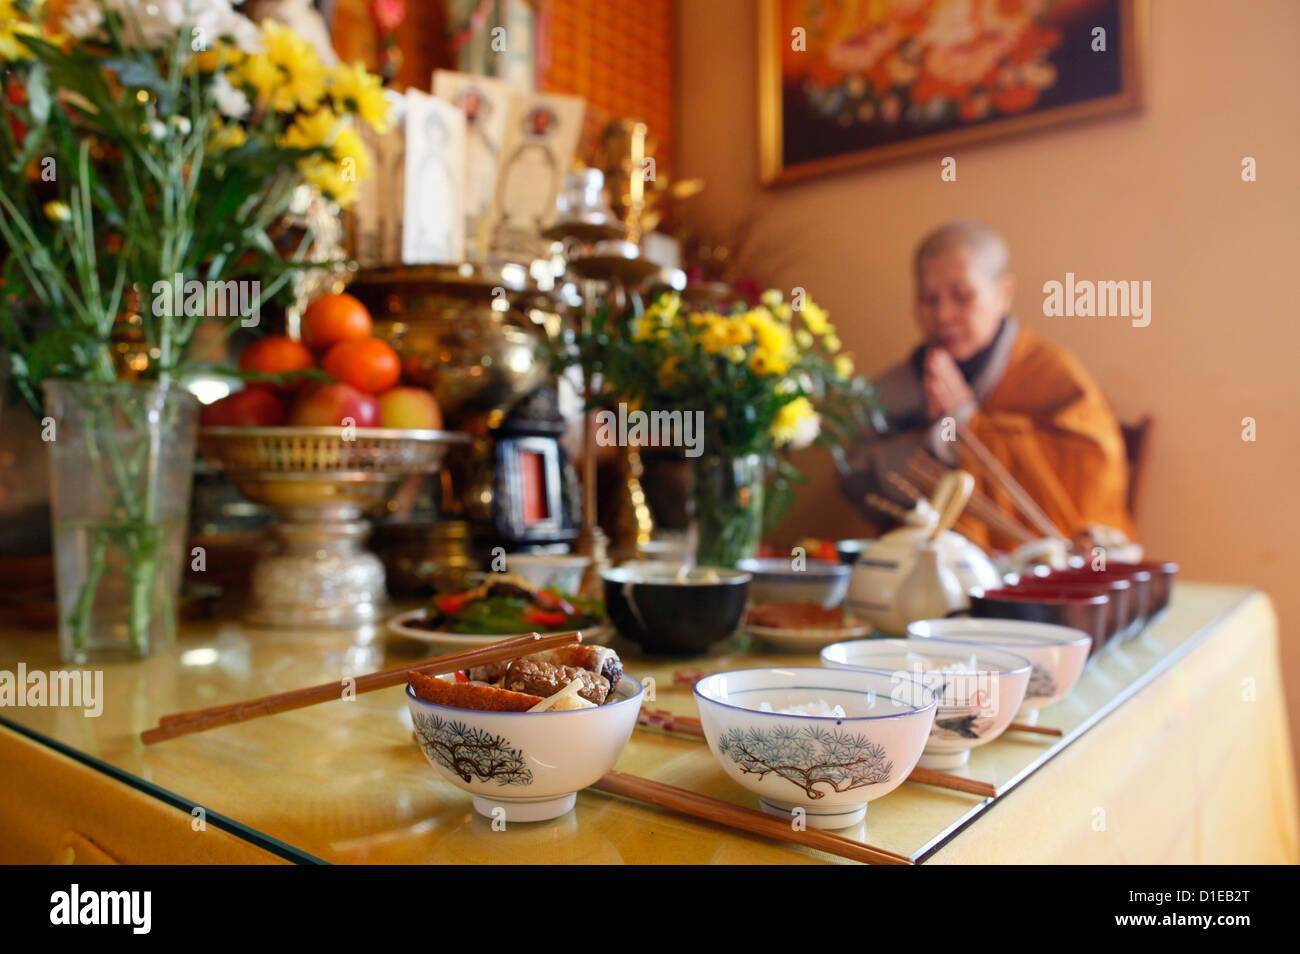 Cérémonie bouddhiste, l'autel des ancêtres, Tu un temple bouddhiste, Saint-Pierre-en-Faucigny, Photo Stock